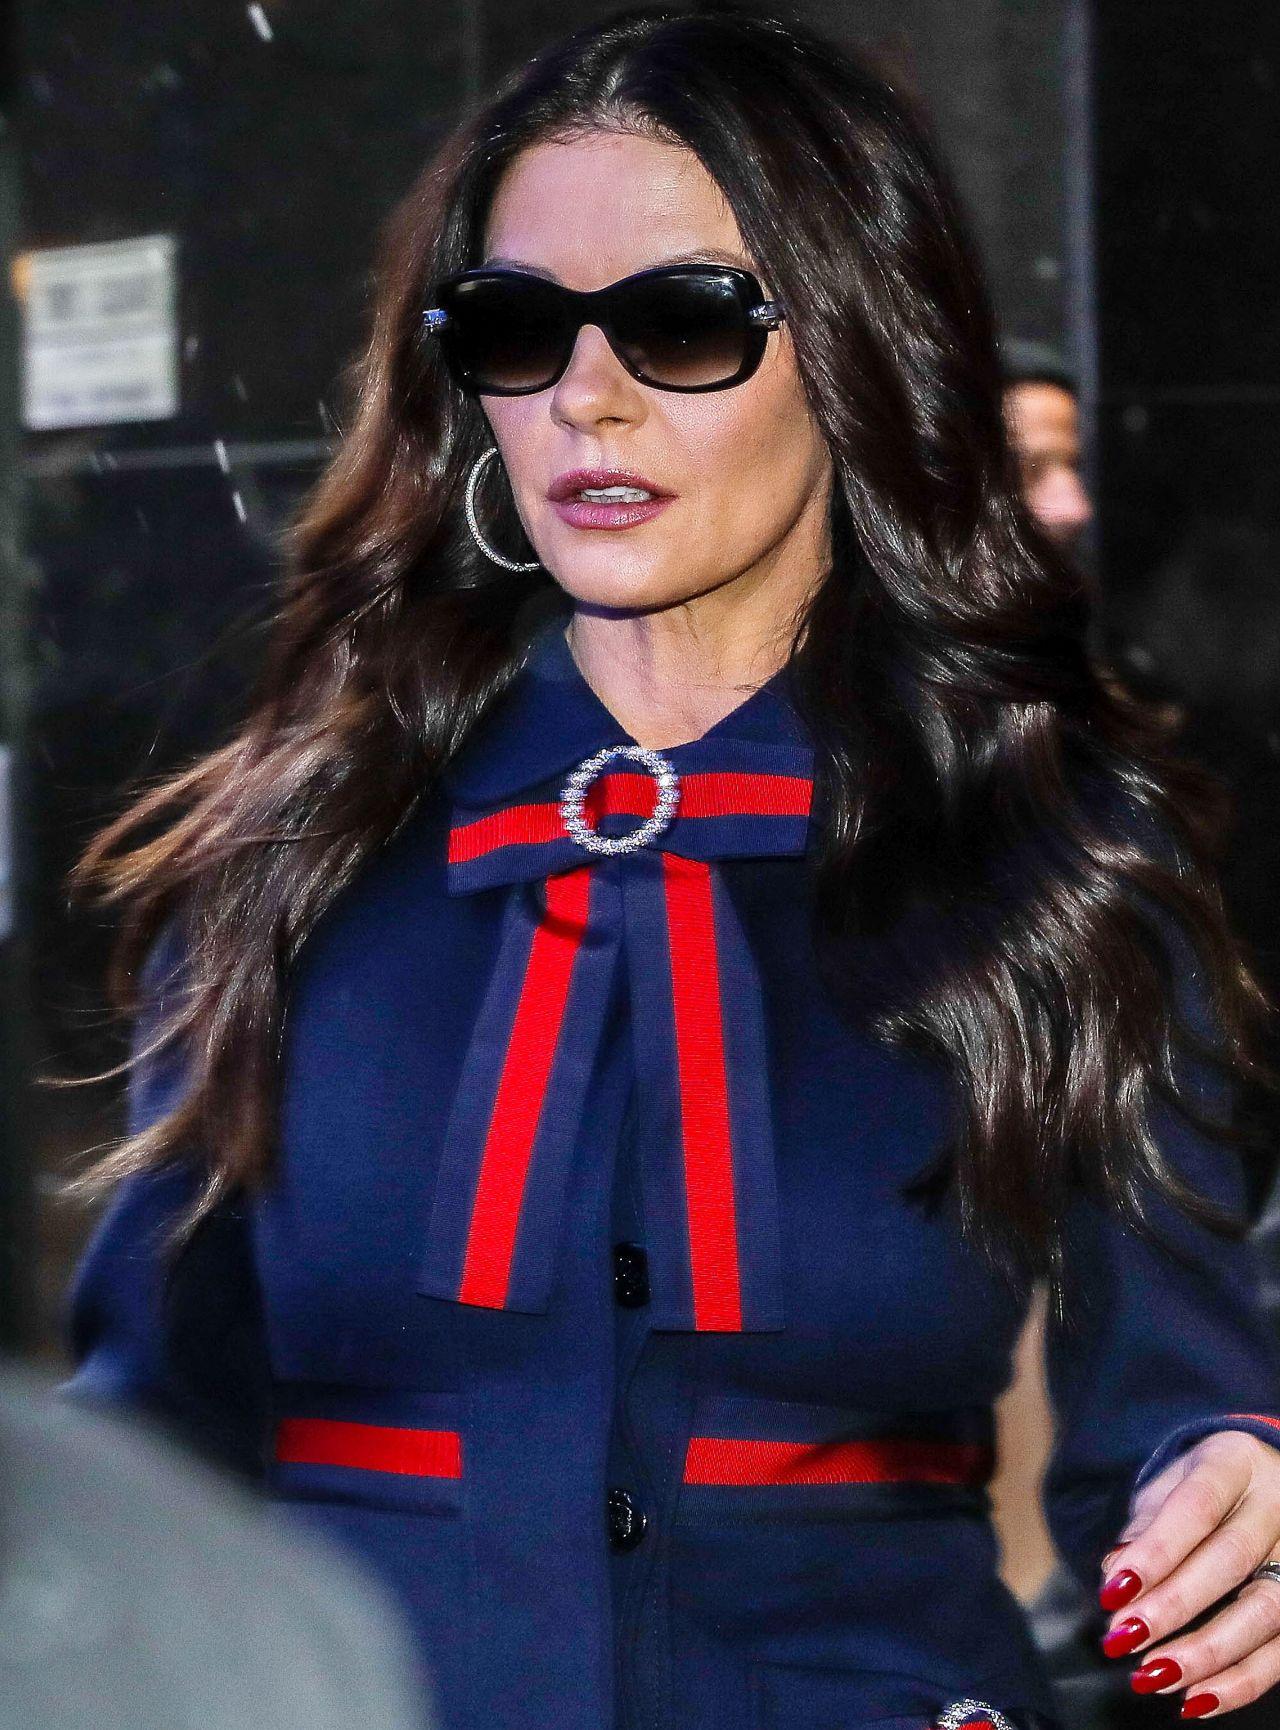 Catherine Zeta-Jones Arriving Home in NYC Catherine Zeta Jones